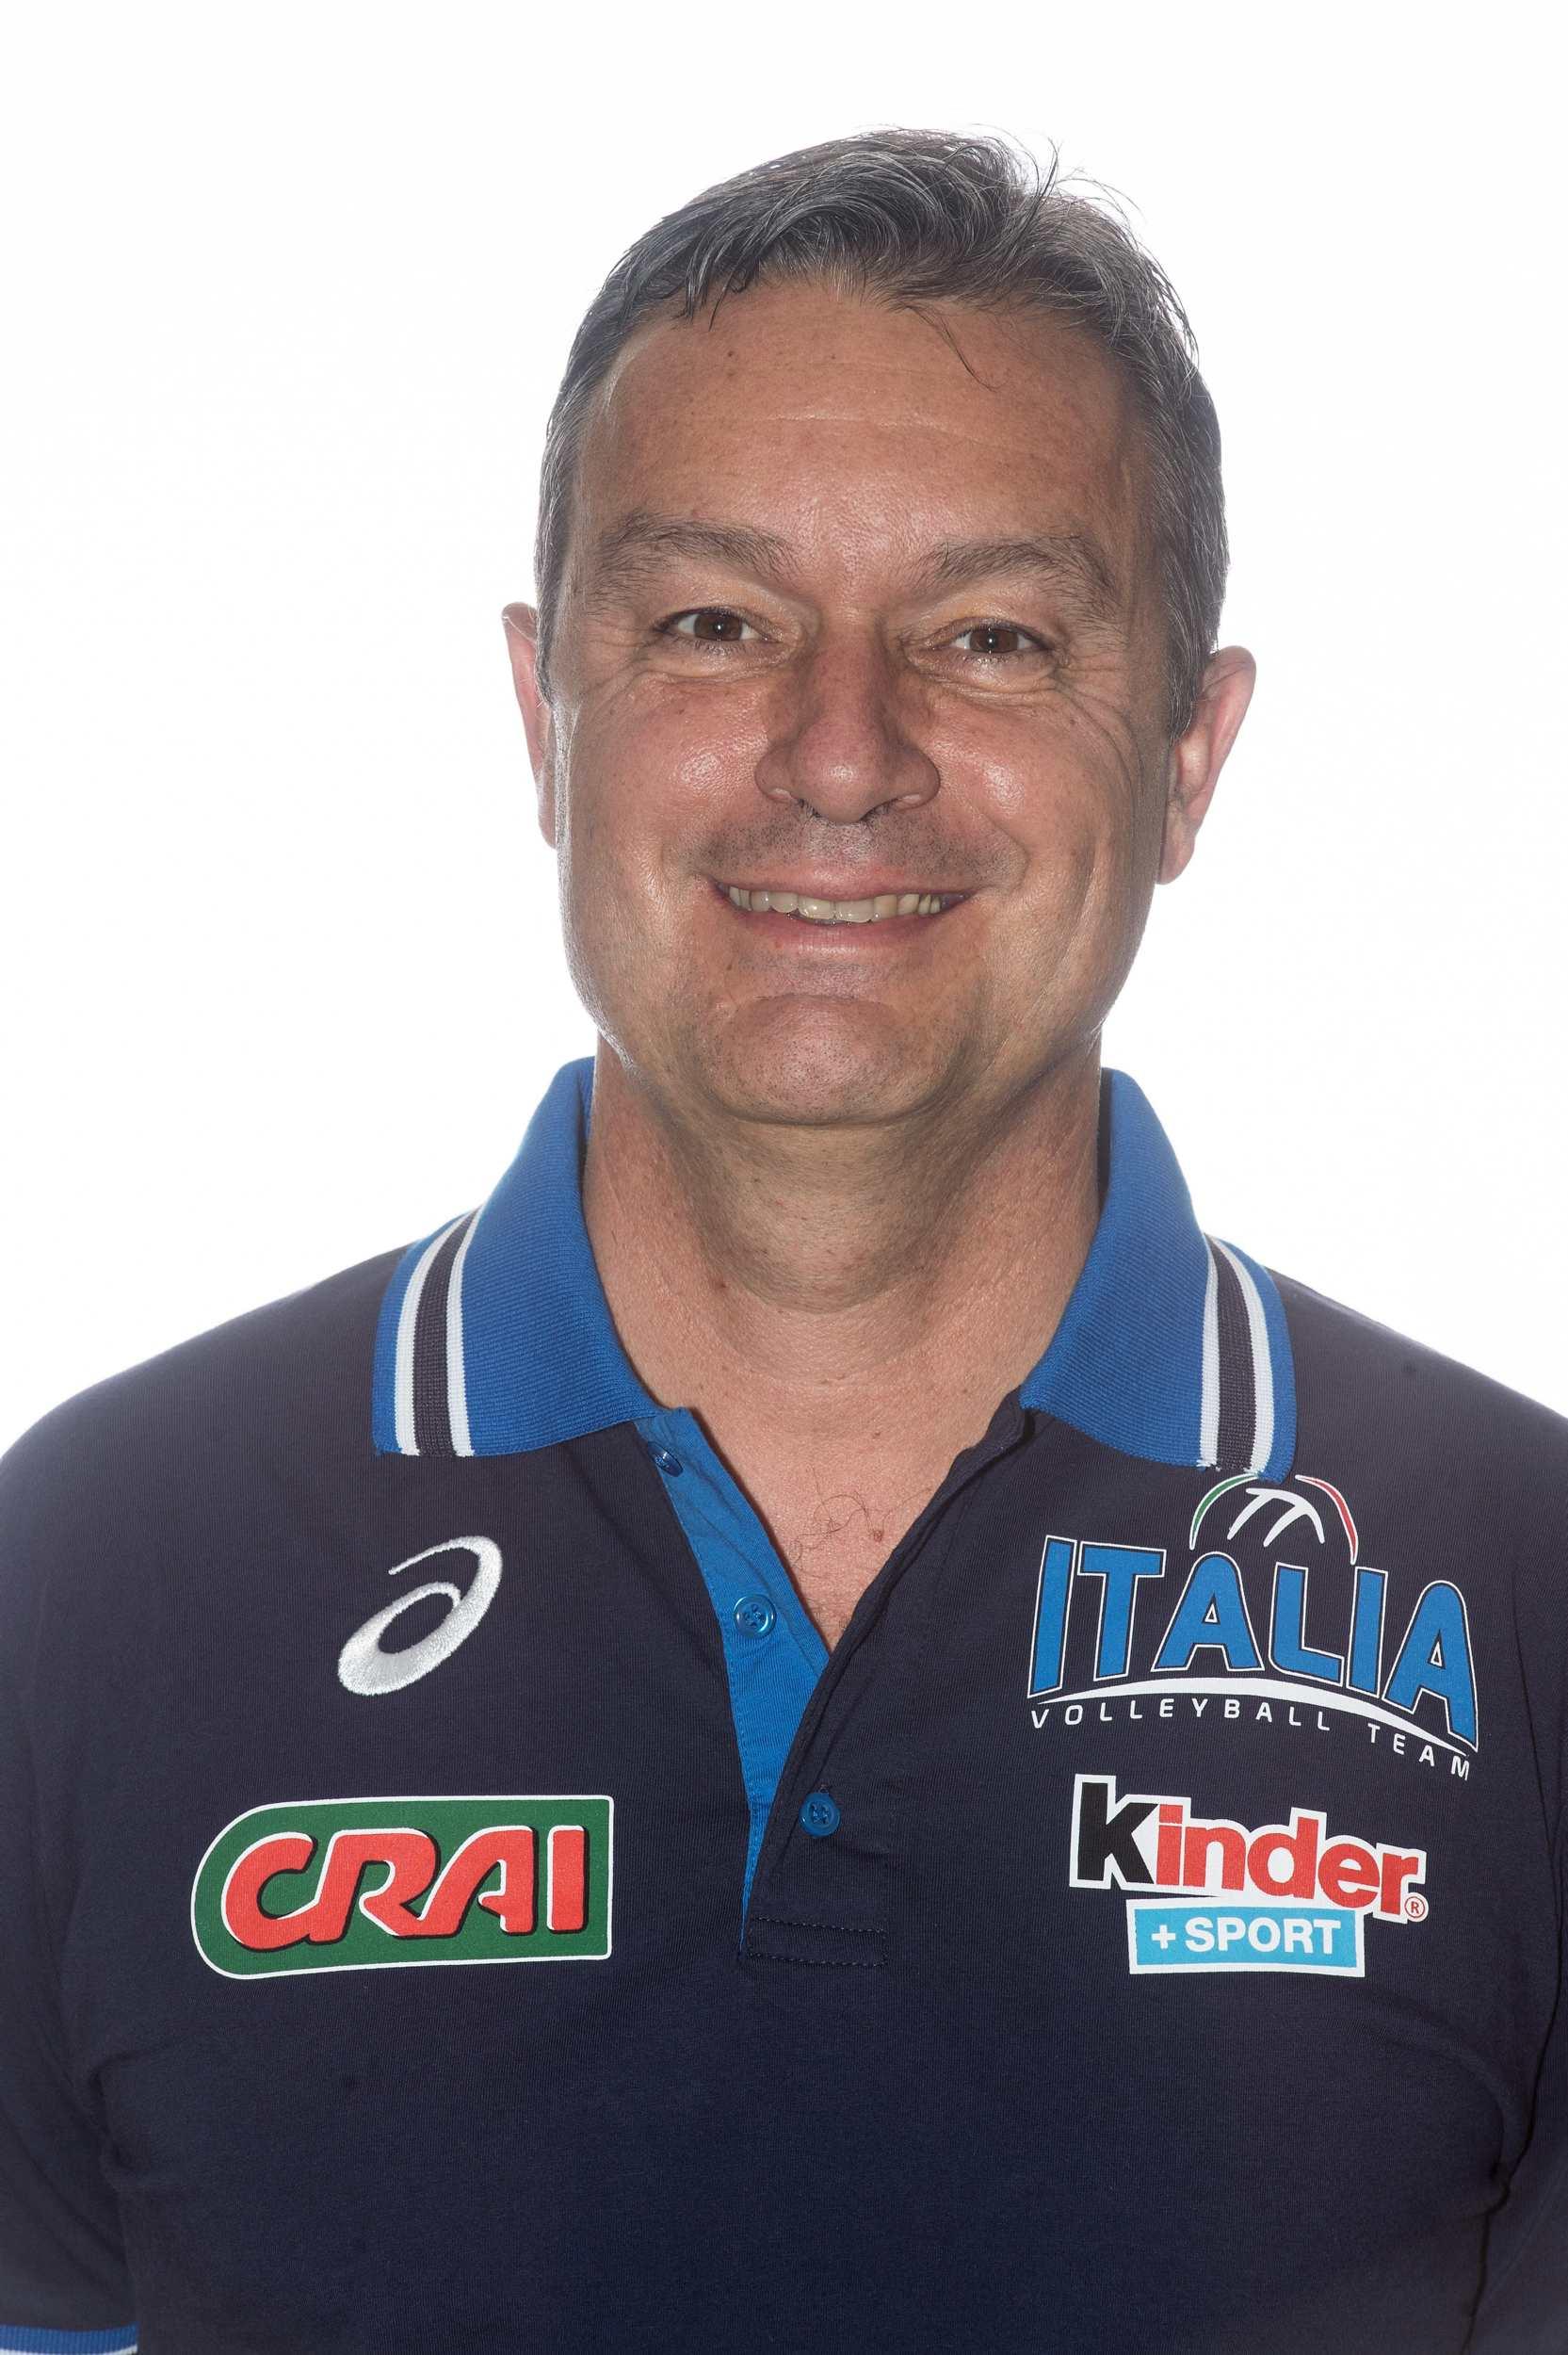 Marco Bonitta